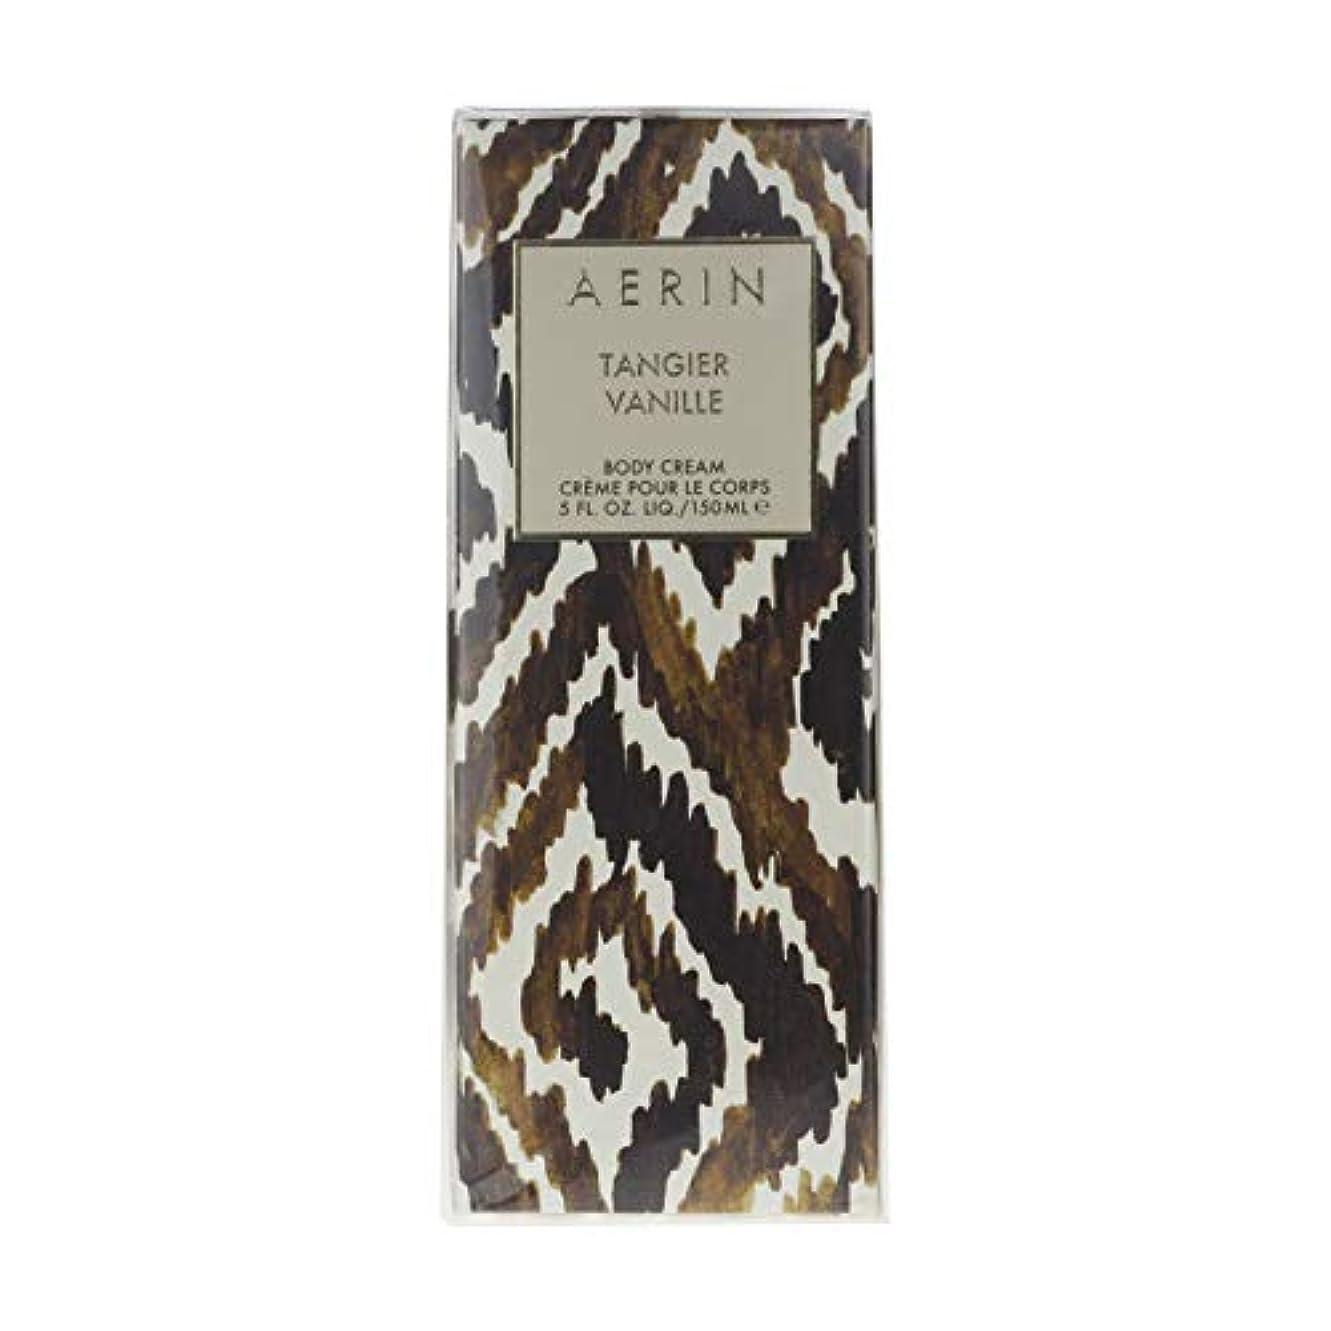 胃だますリンケージAERIN Tangier Vanille (アエリン タンジヤー バニール) 5.0 oz (150ml) Body Cream by Estee Lauder for Women